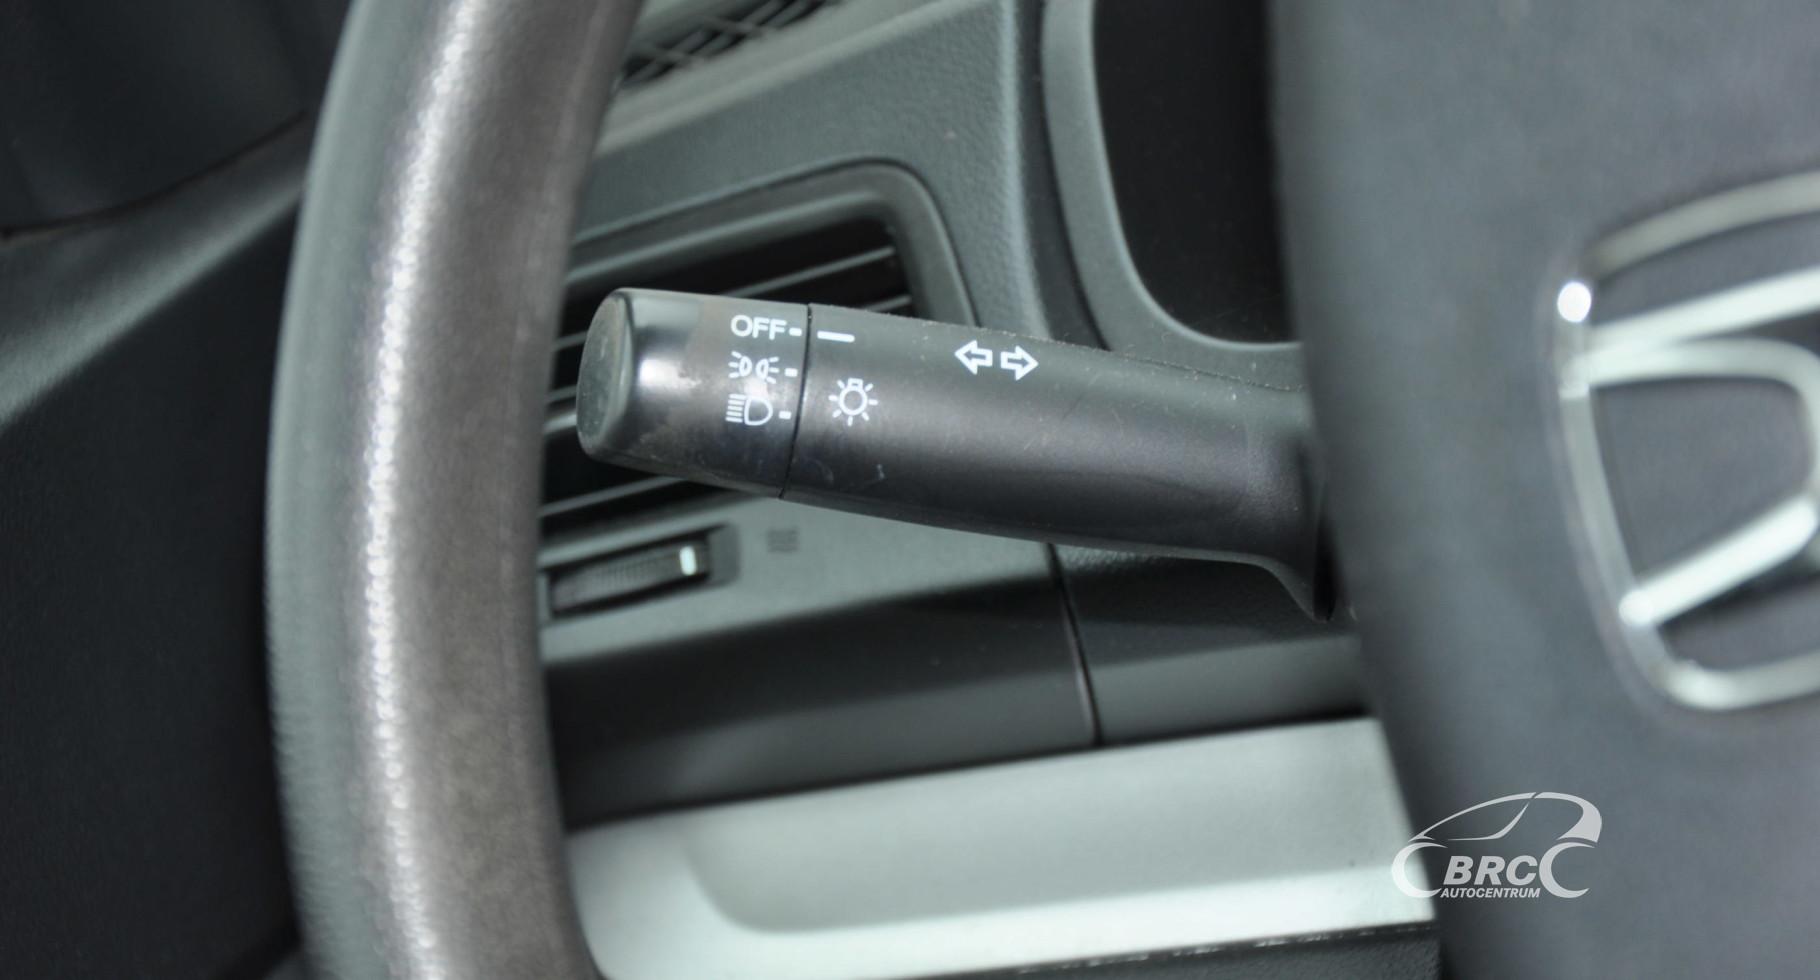 Honda CR-V 2.4 i-VTEC AWD Automatas